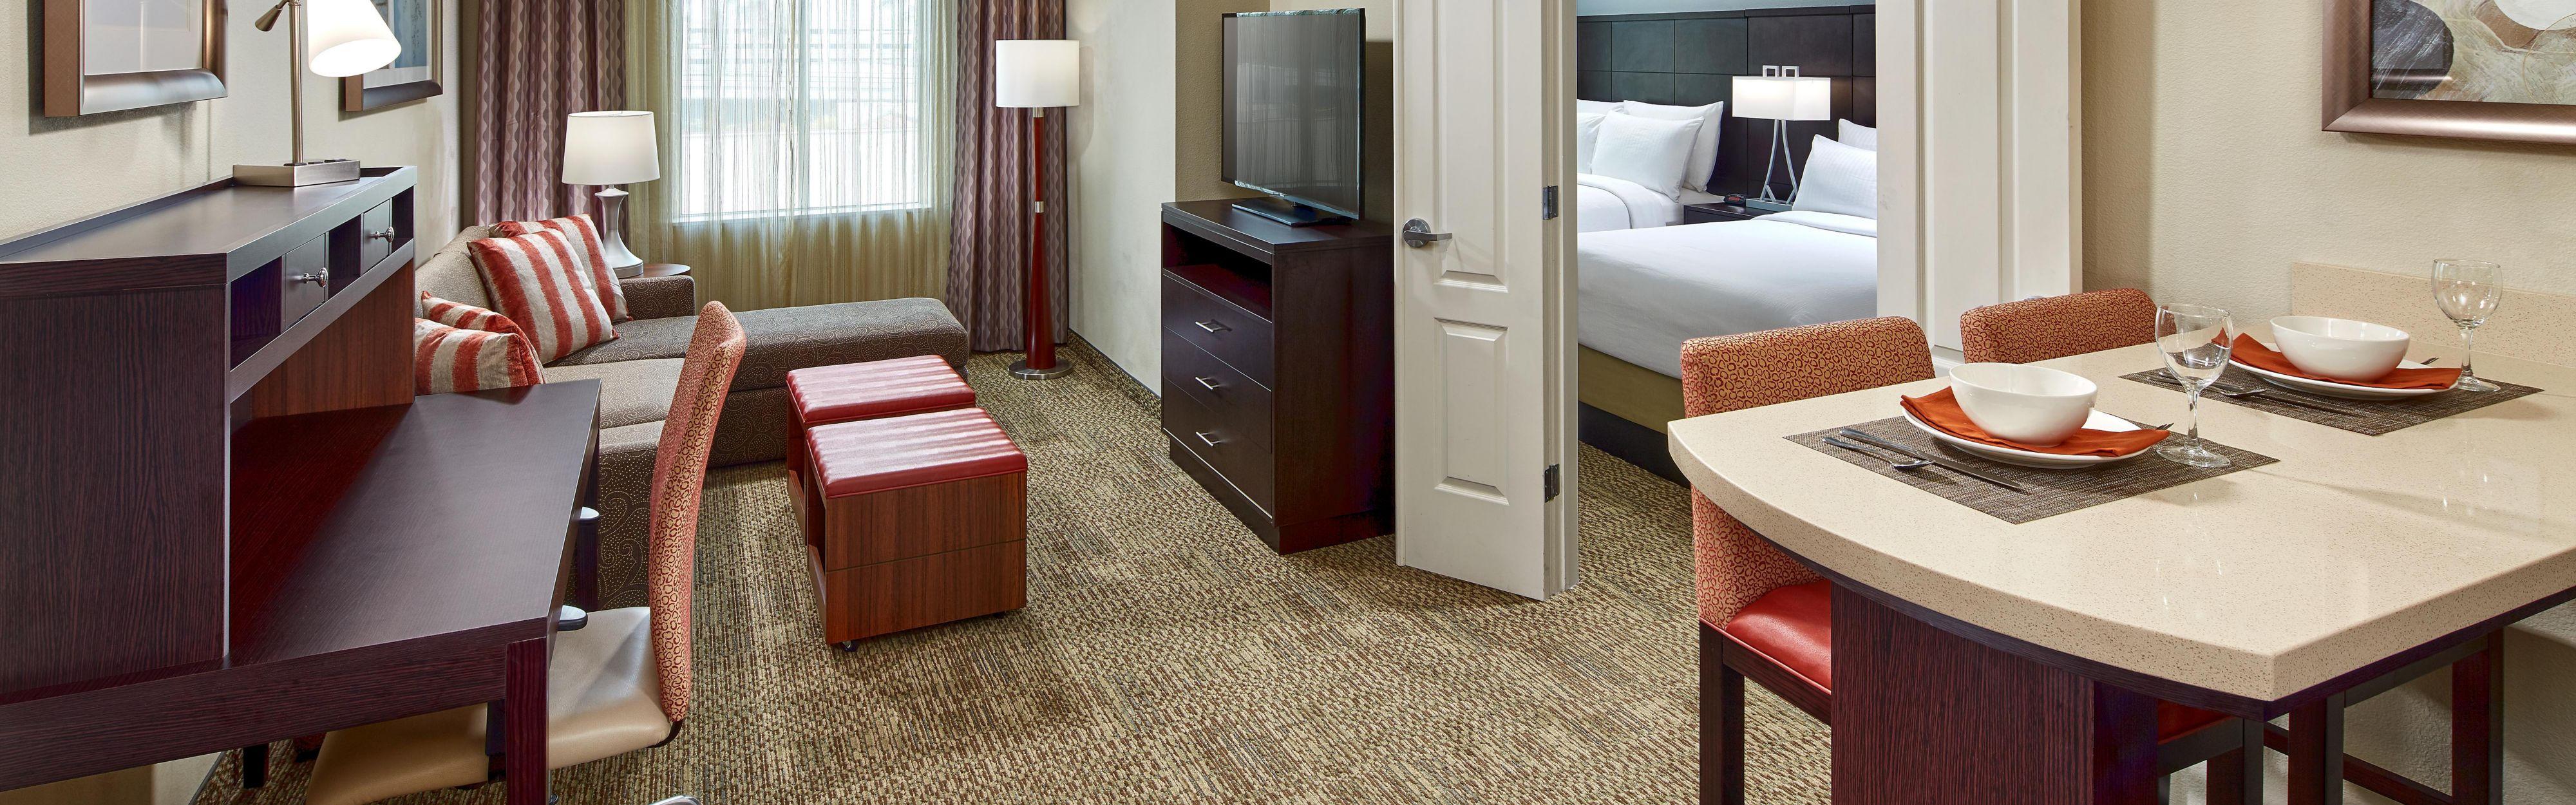 Staybridge Suites Anaheim At The Park Anaheim California Ca Localdatabase Com